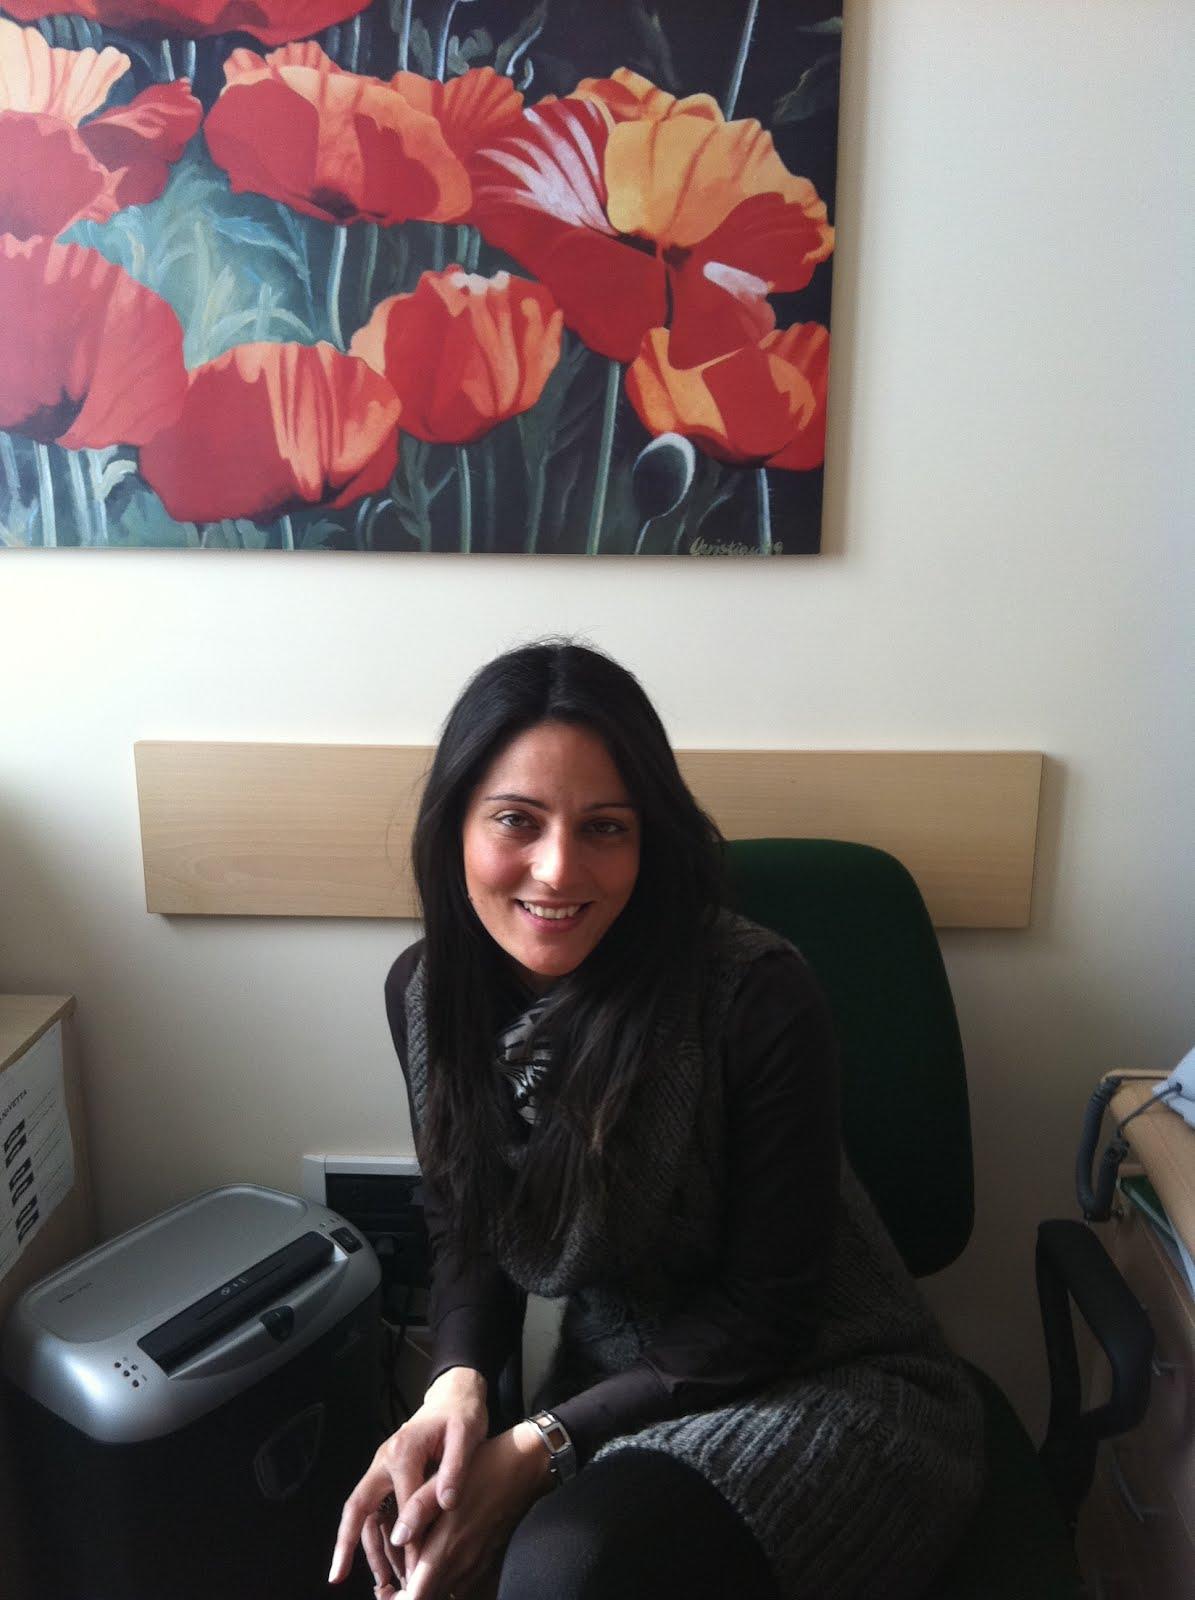 Usi Civici Ardea: Cristina Capraro incontra i cittadini